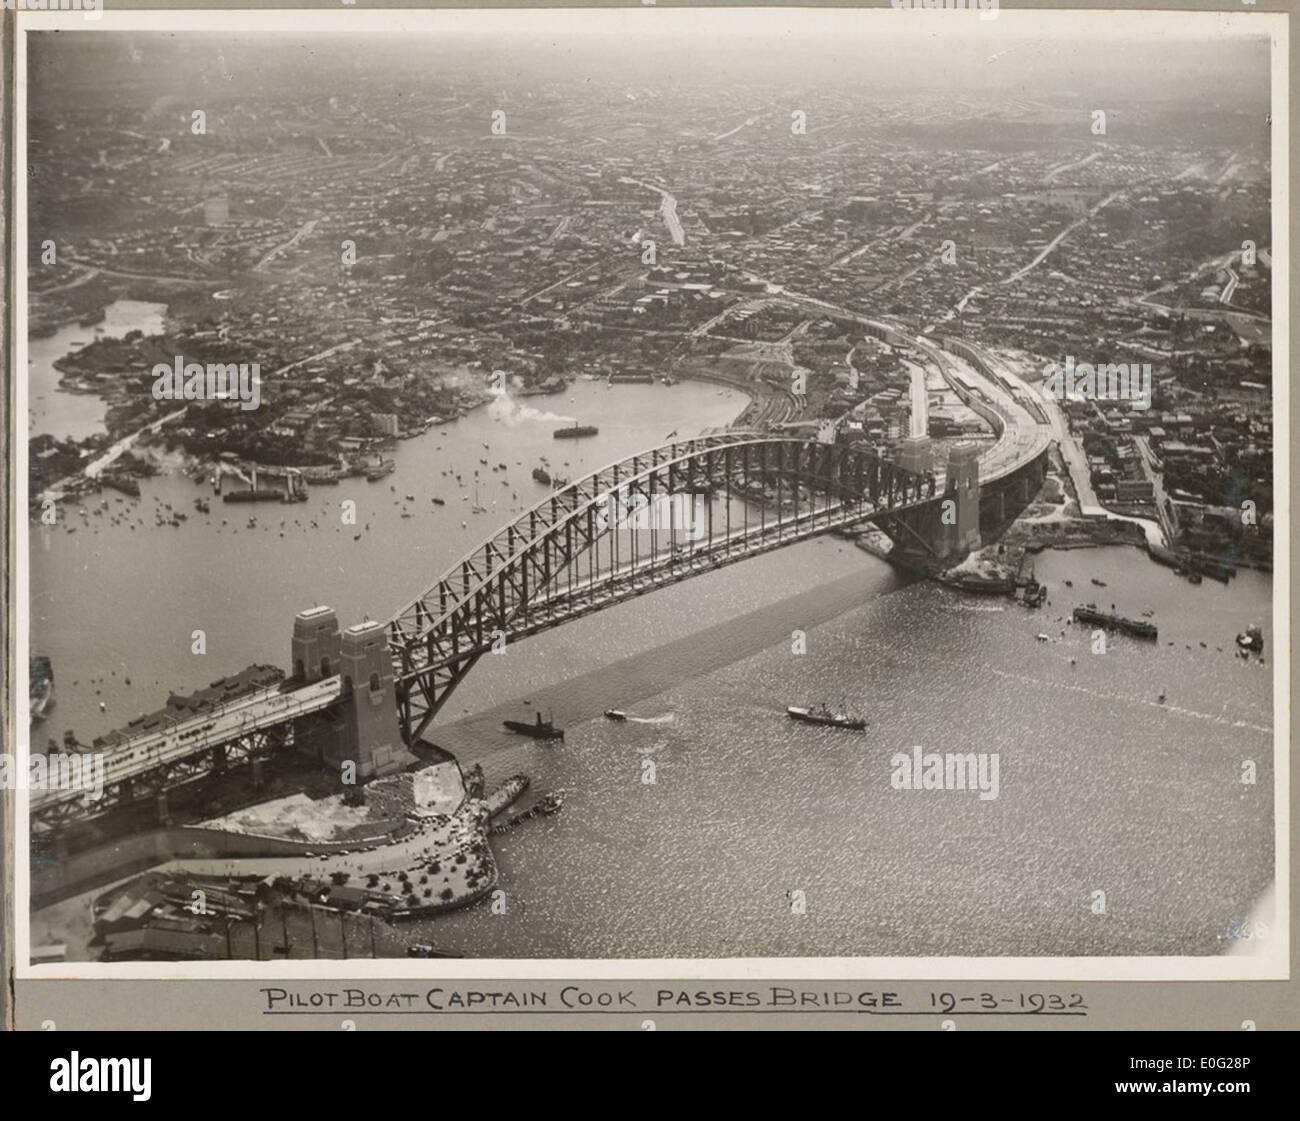 Pilot boat Captain Cook passing under Sydney Harbour Bridge, 19 March 1932 - Stock Image